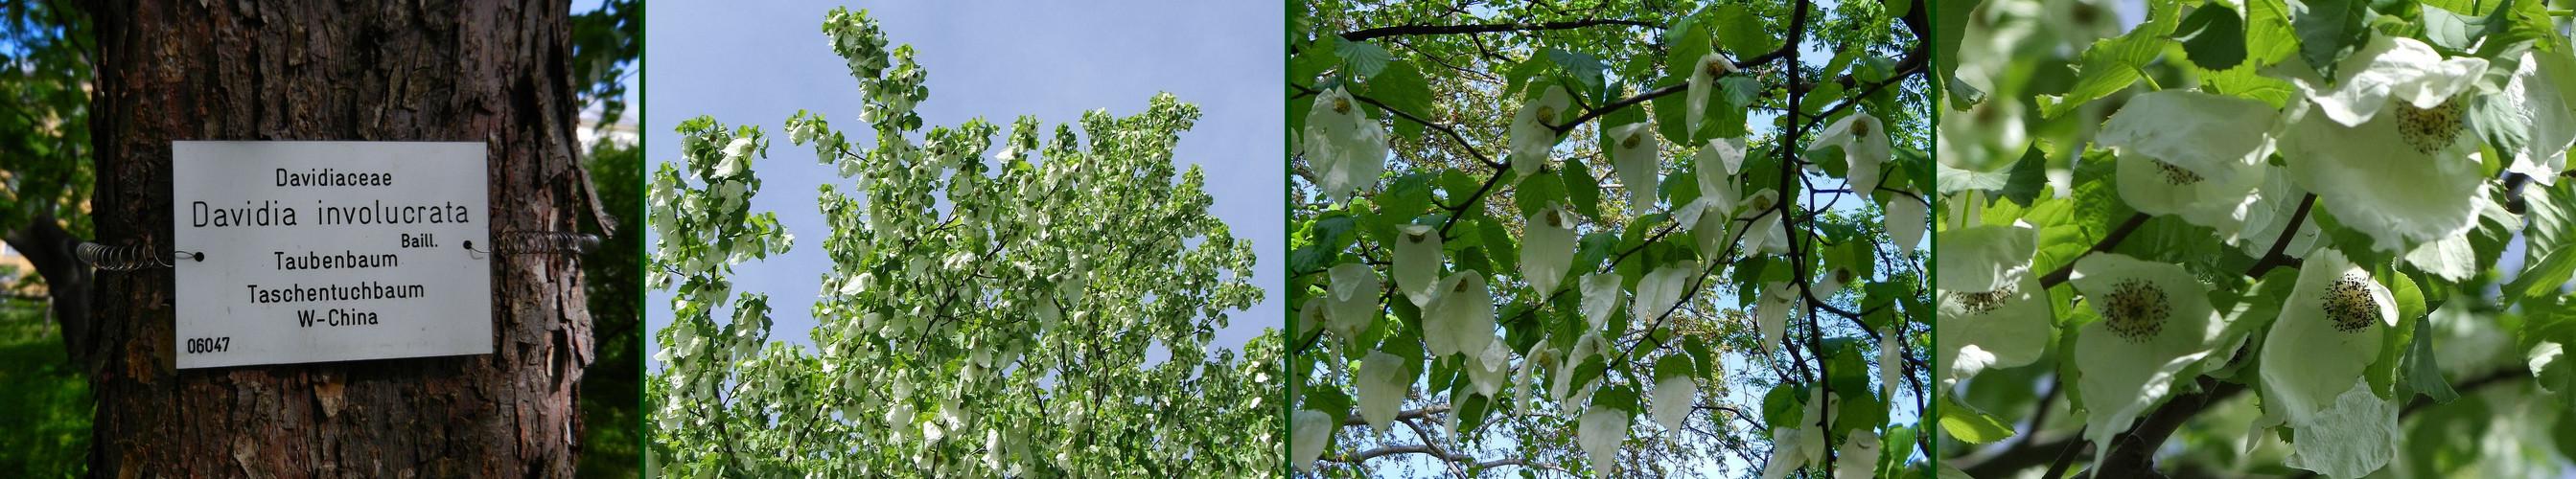 Taschentuchbaum Botanische Garten Wien